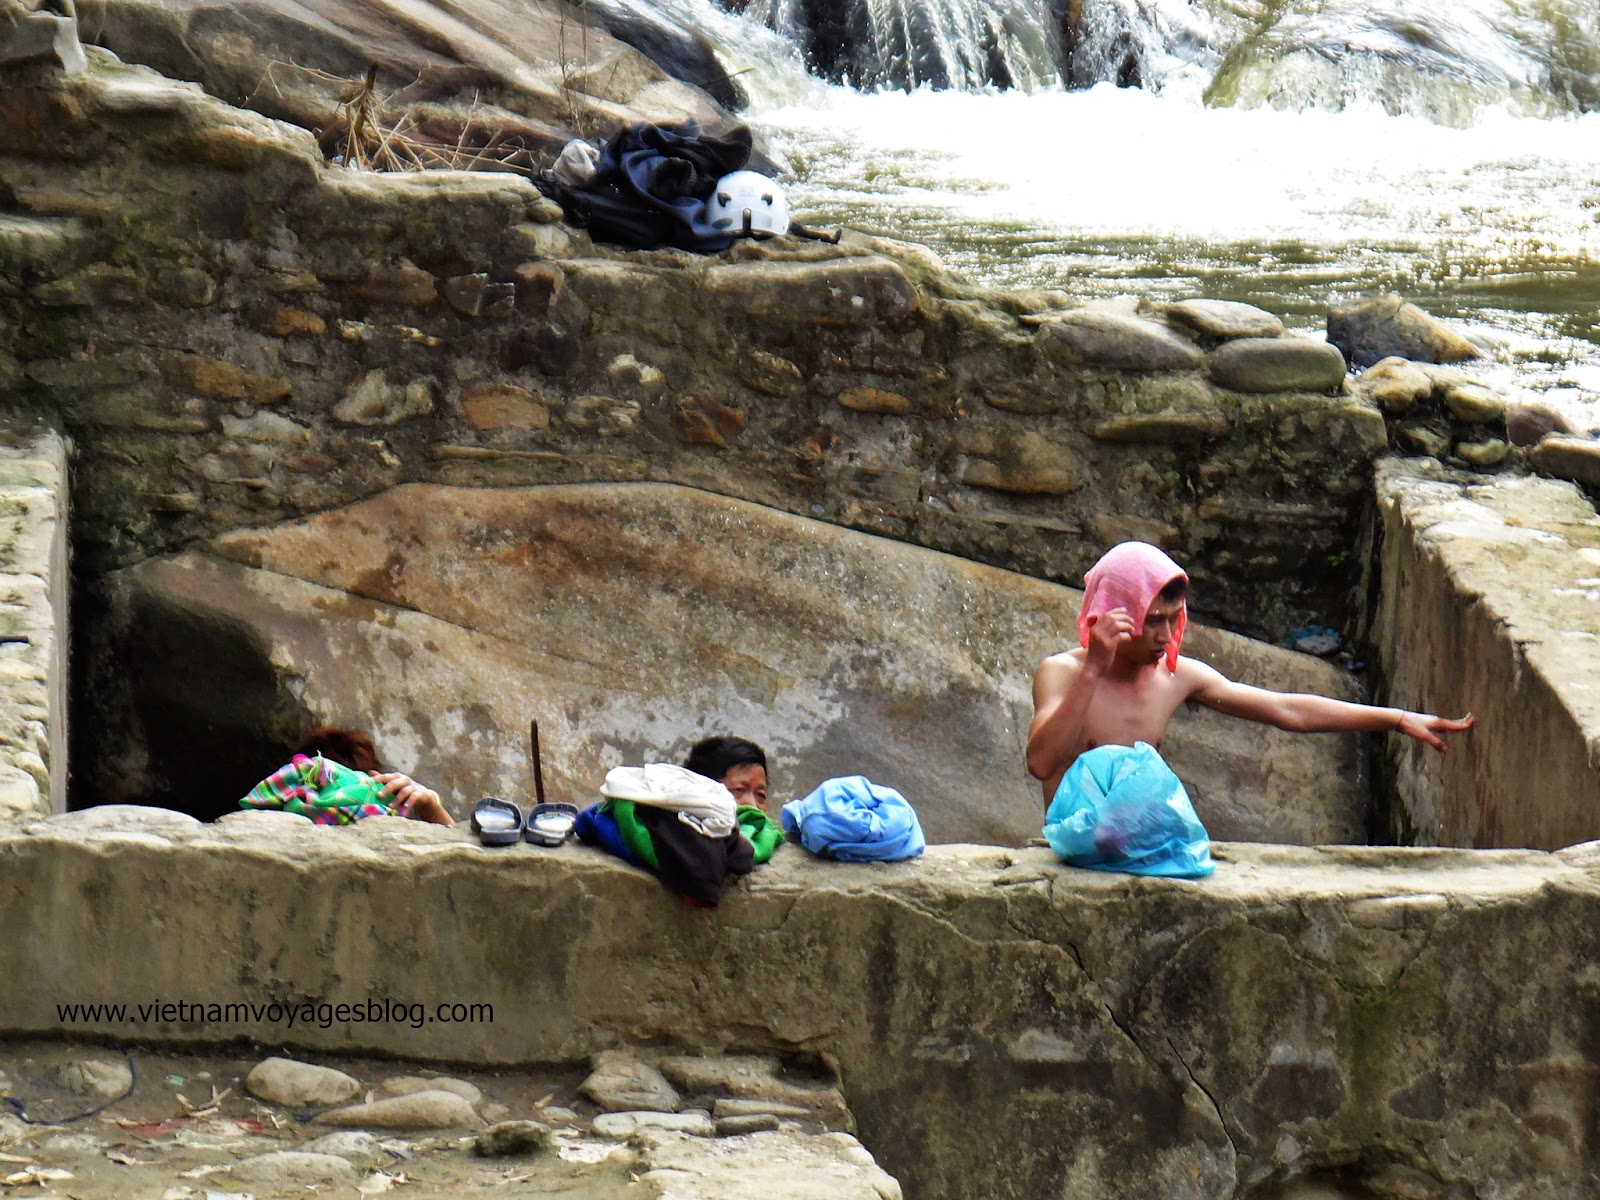 Tắm tiên ở Tú Lệ, Yên Bái 2014